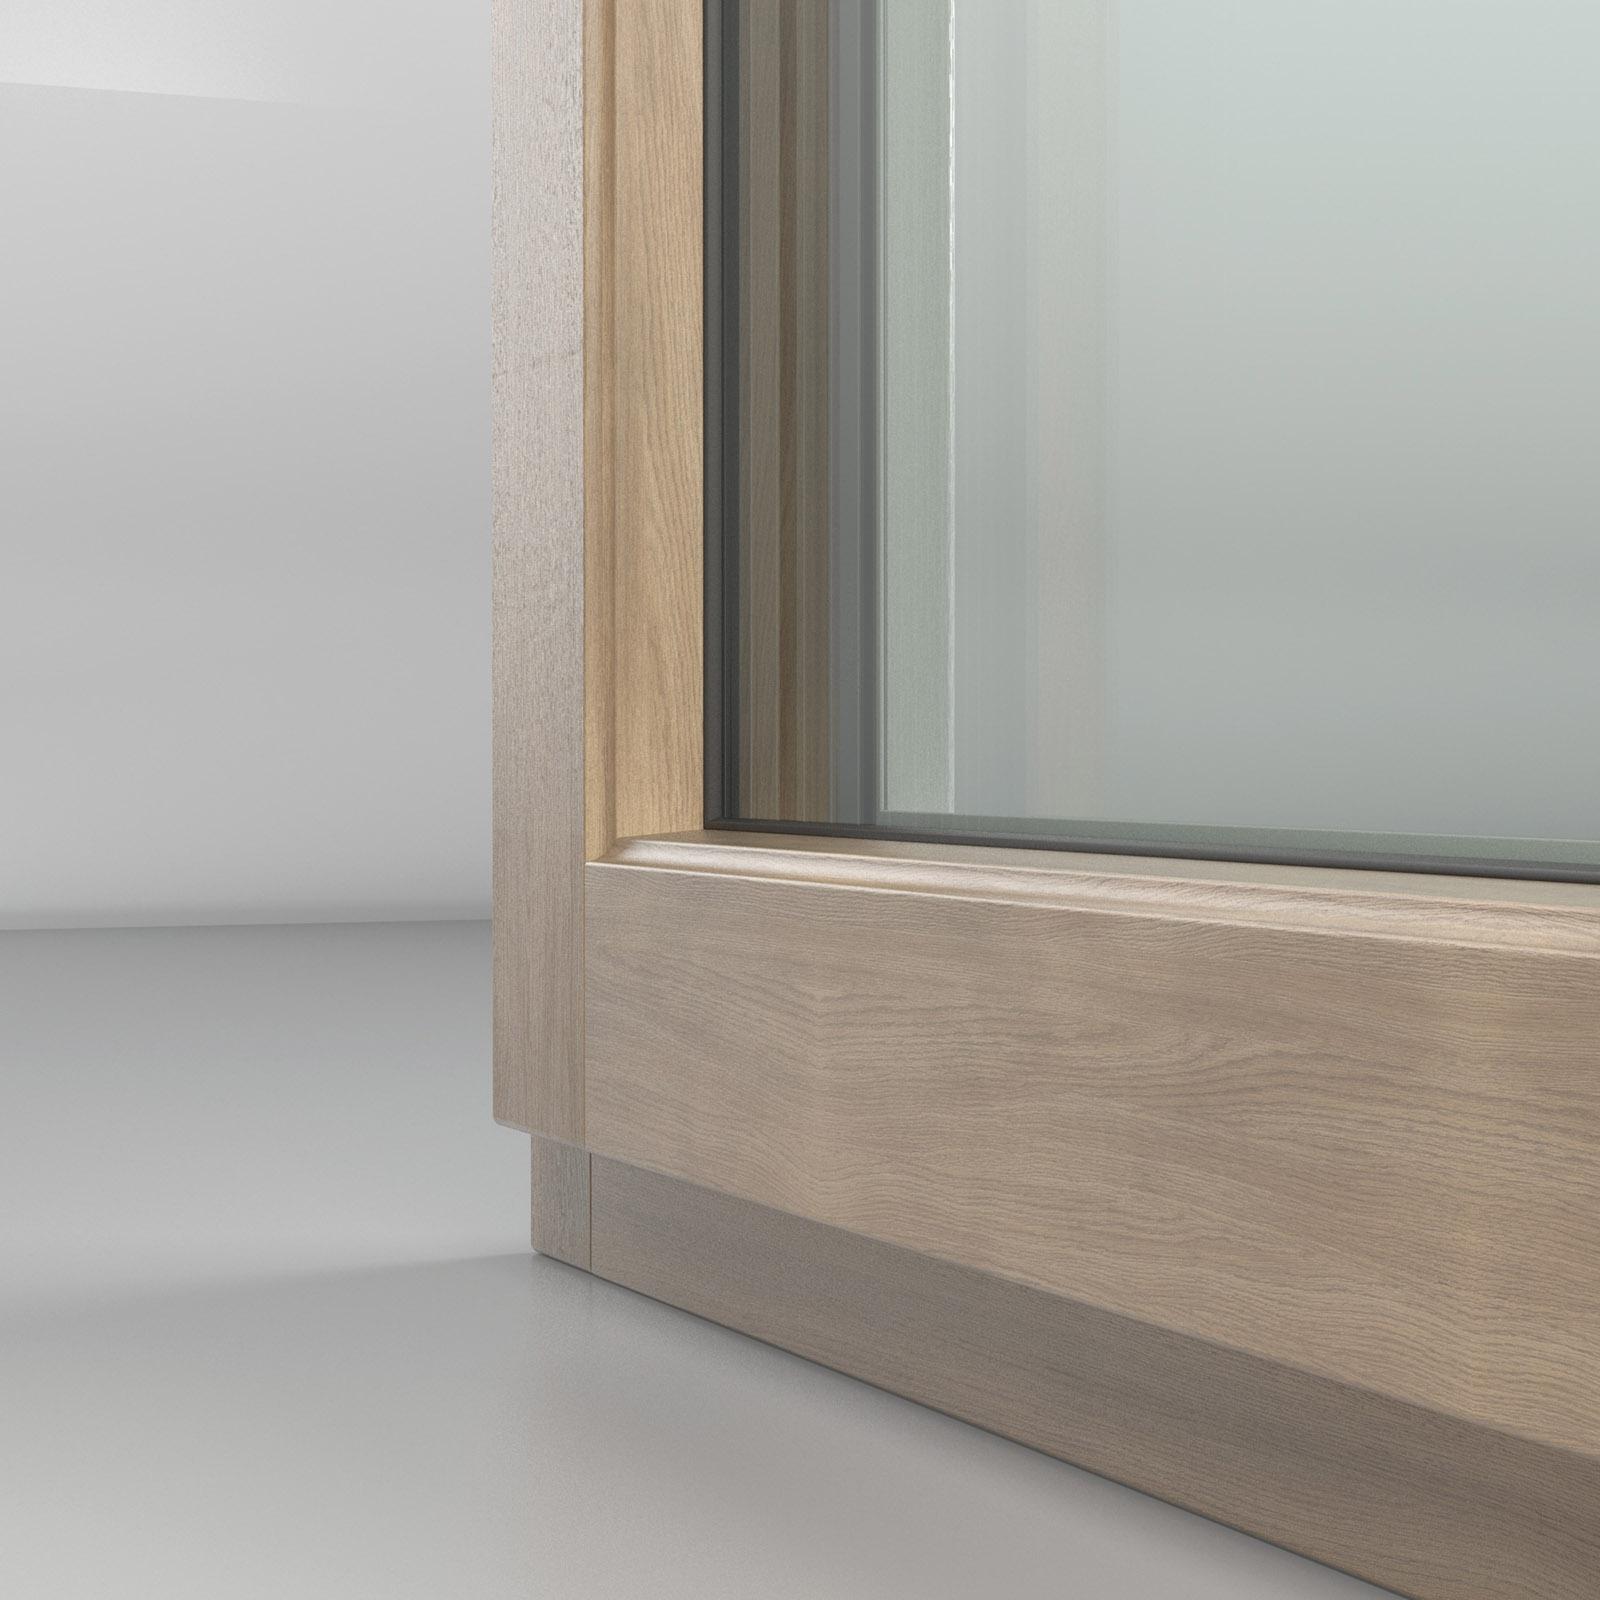 Rivista Porte E Finestre fin-ligna: l'innovativa finestra in alluminio-legno e pvc-legno